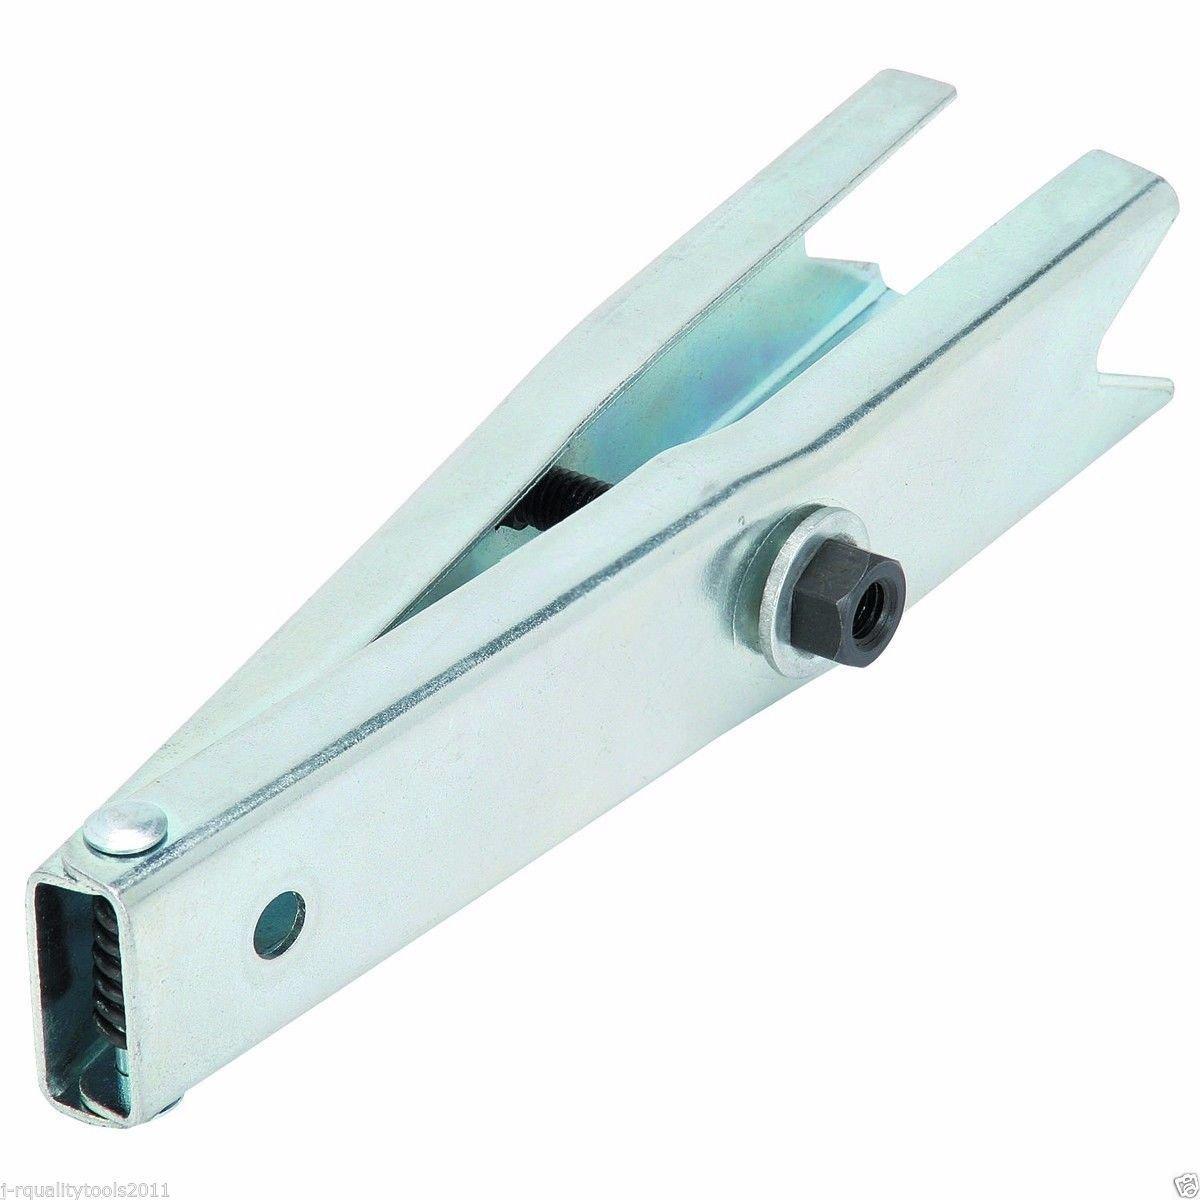 GHP General Motors Steel Handy Door Hinge Spring Compressor Tool for 1/2'' Wrench